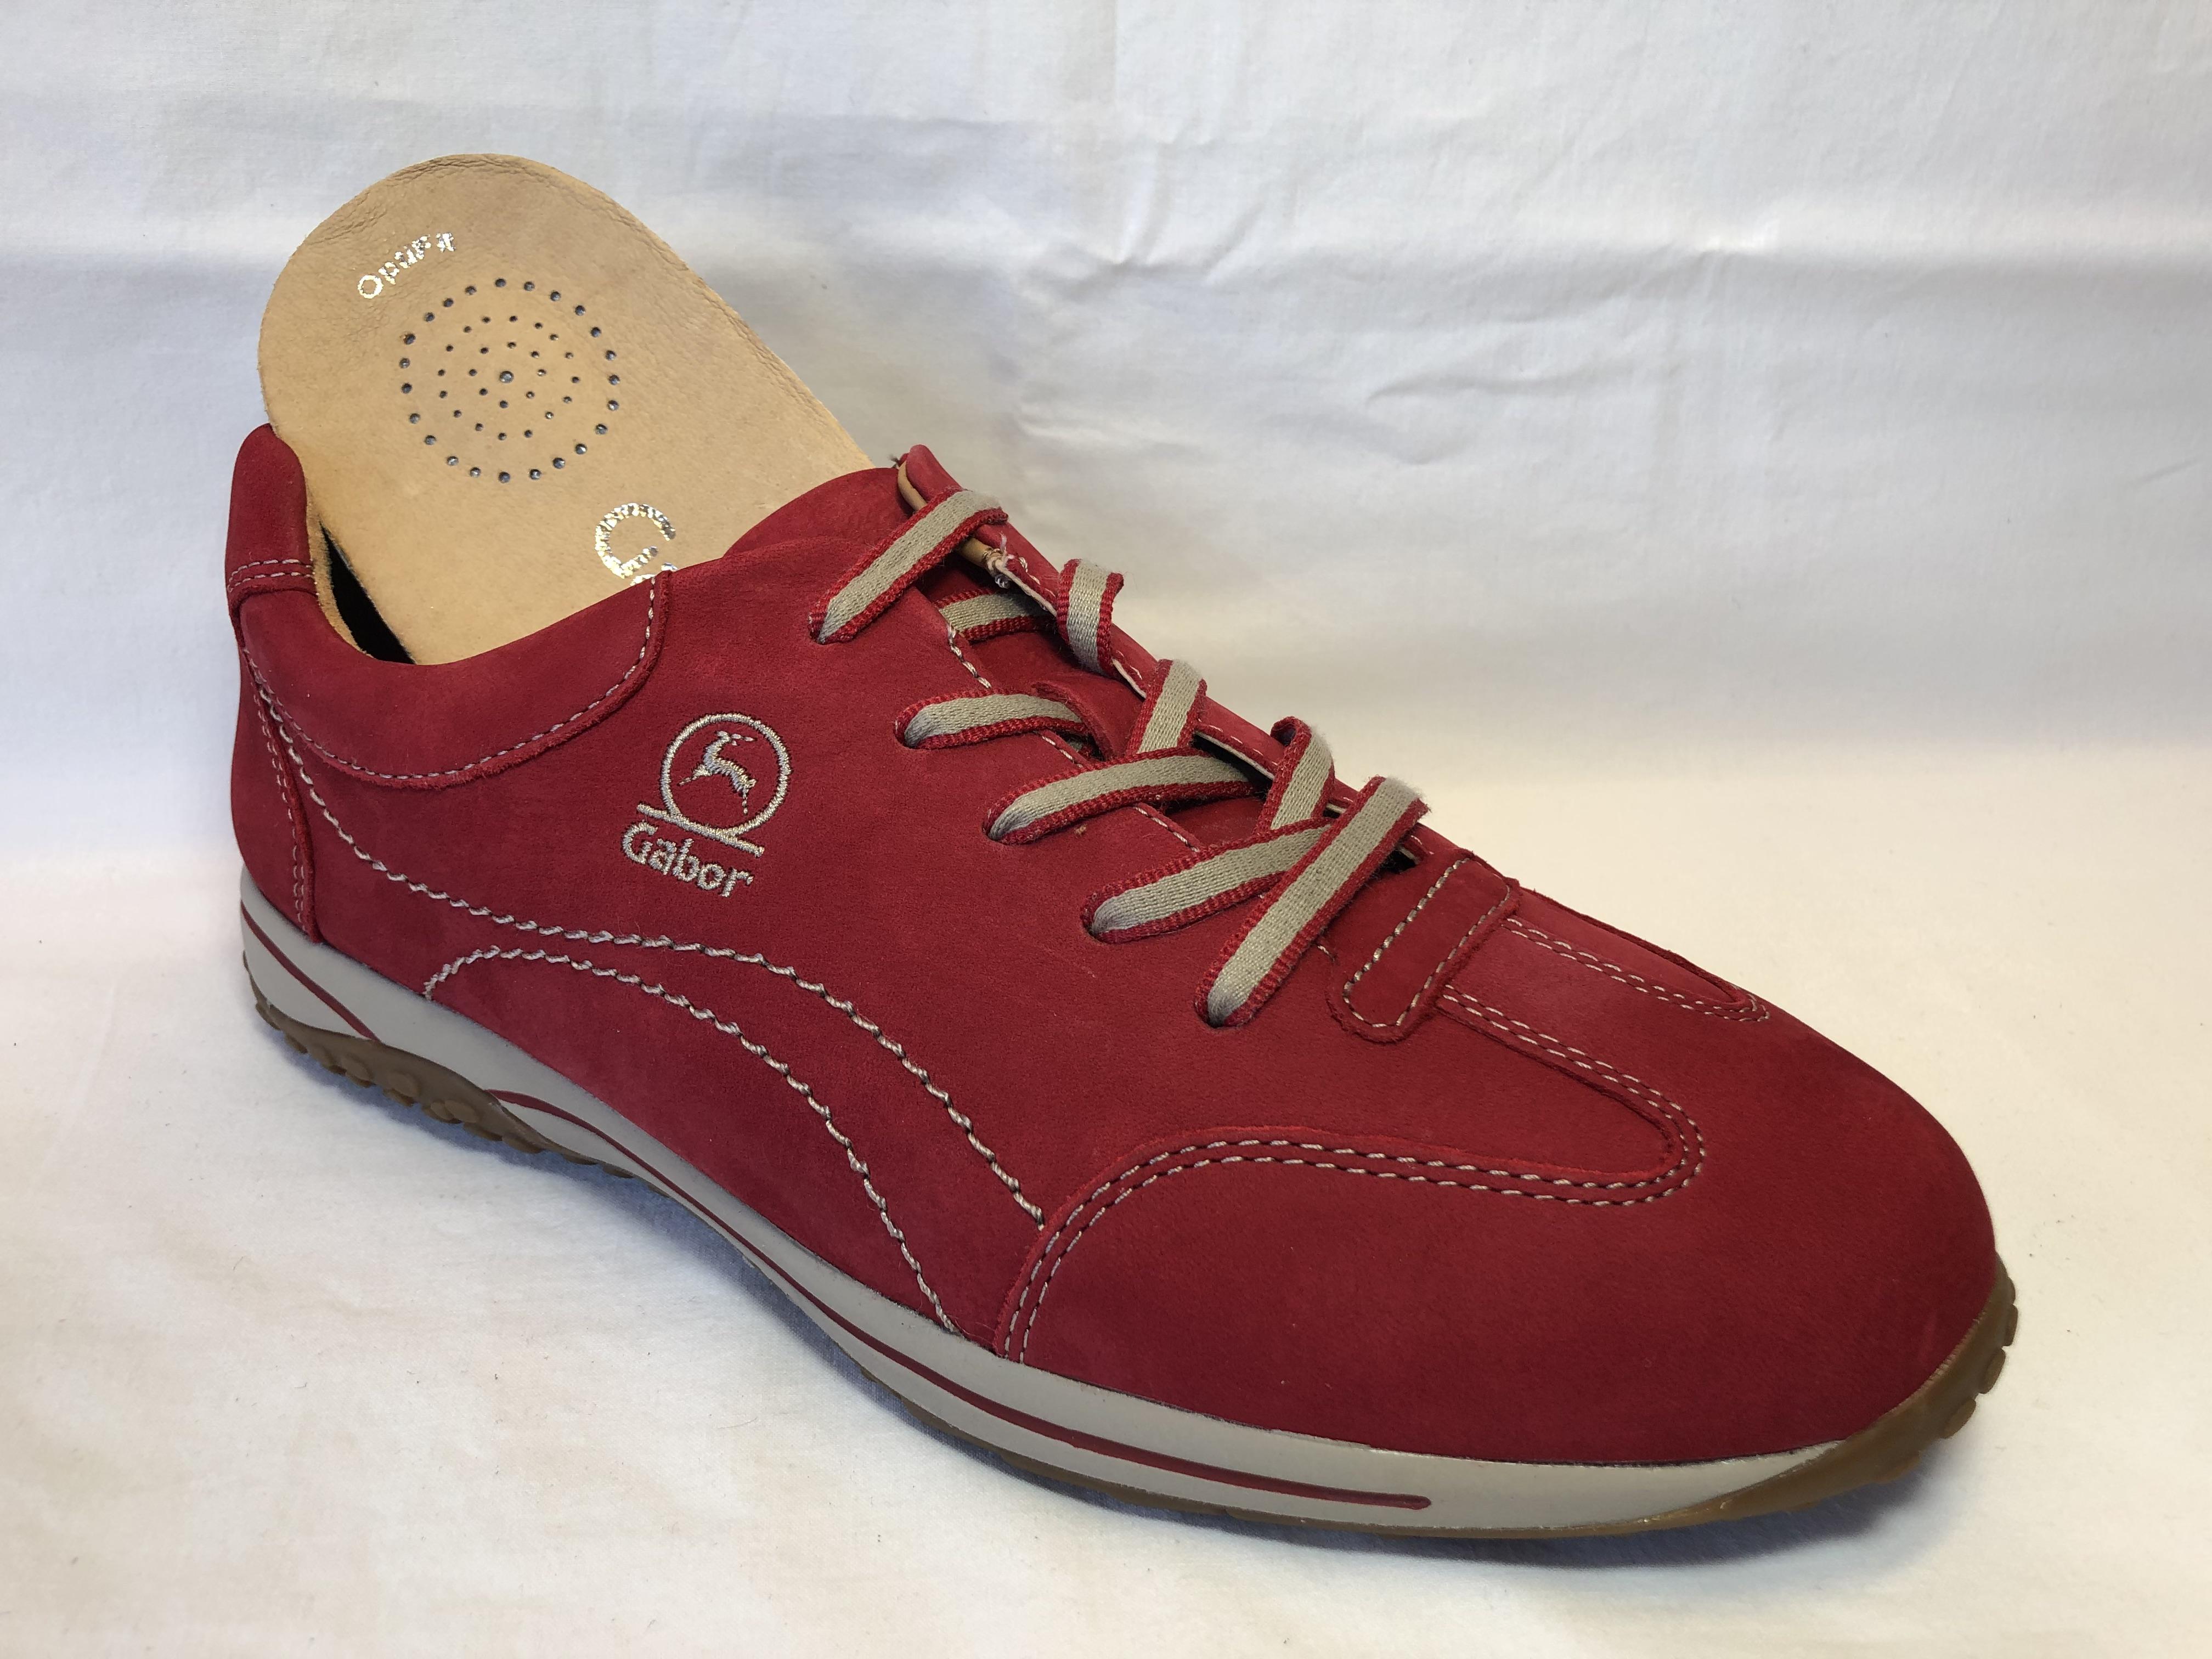 Magasin de chaussures orthopédiques à Jodoigne - Gabor